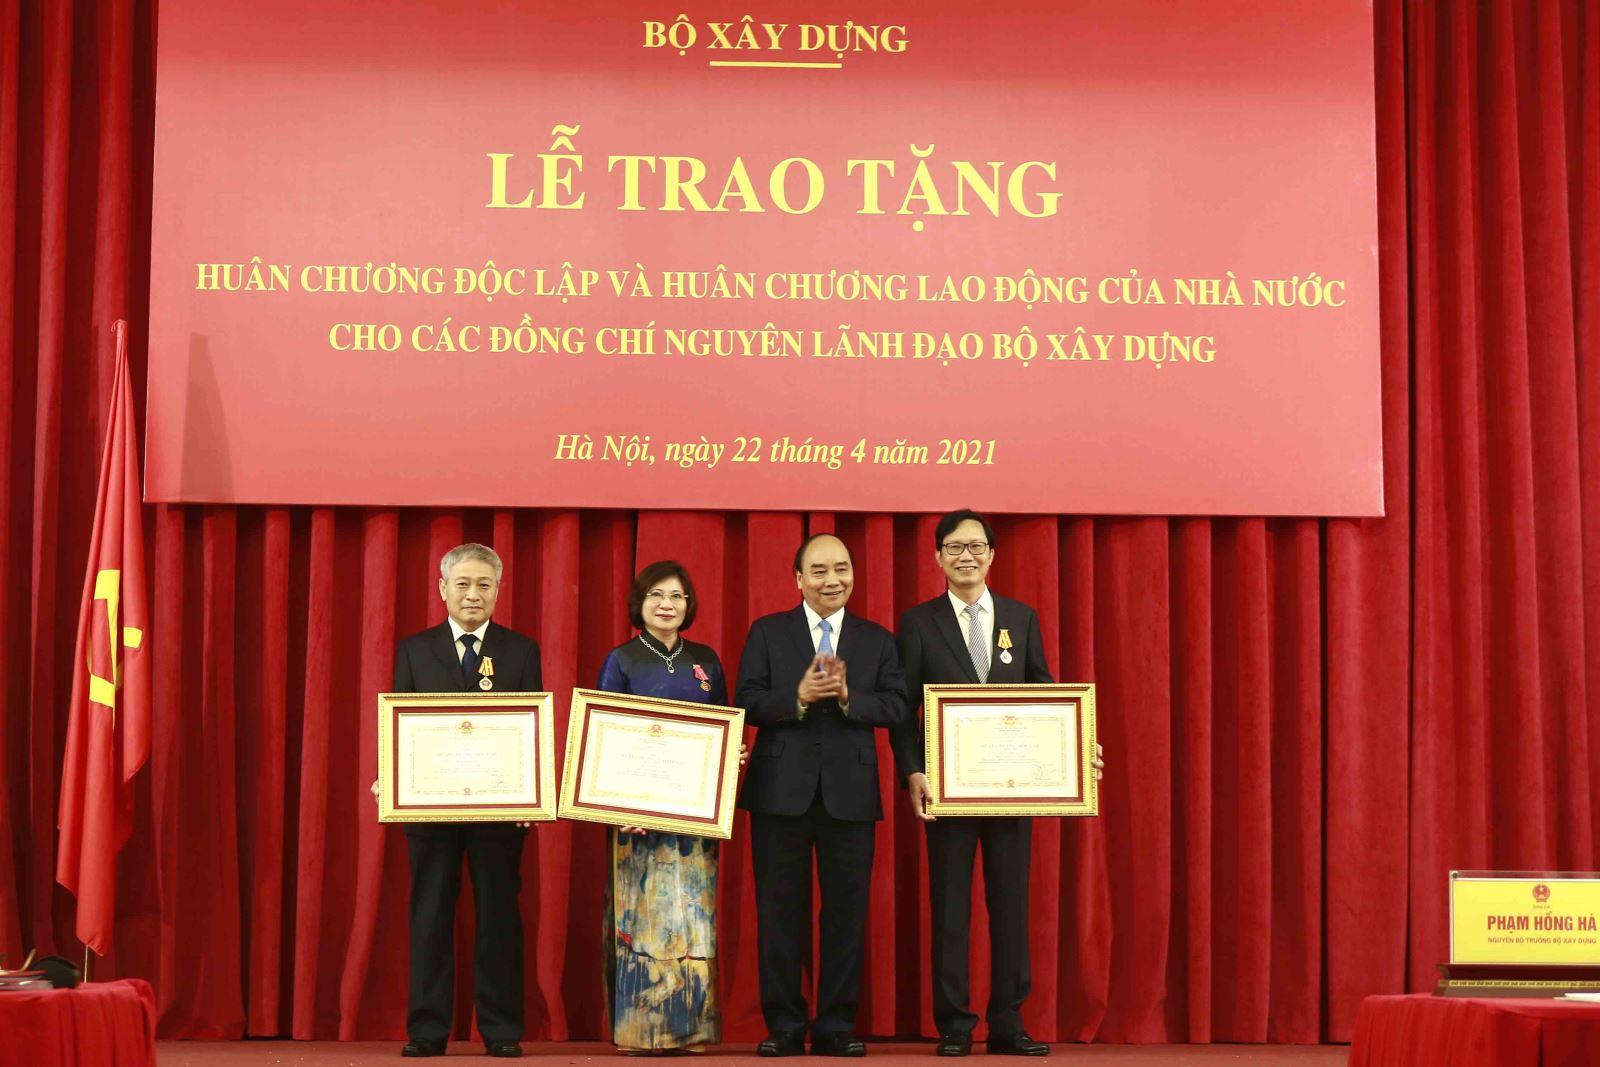 Chủ tịch nước Nguyễn Xuân Phúc trao Huân chương Độc lập hạng Ba, Huân chương Lao động hạng Nhất cho các đồng chí nguyên lãnh đạo Bộ Xây dựng